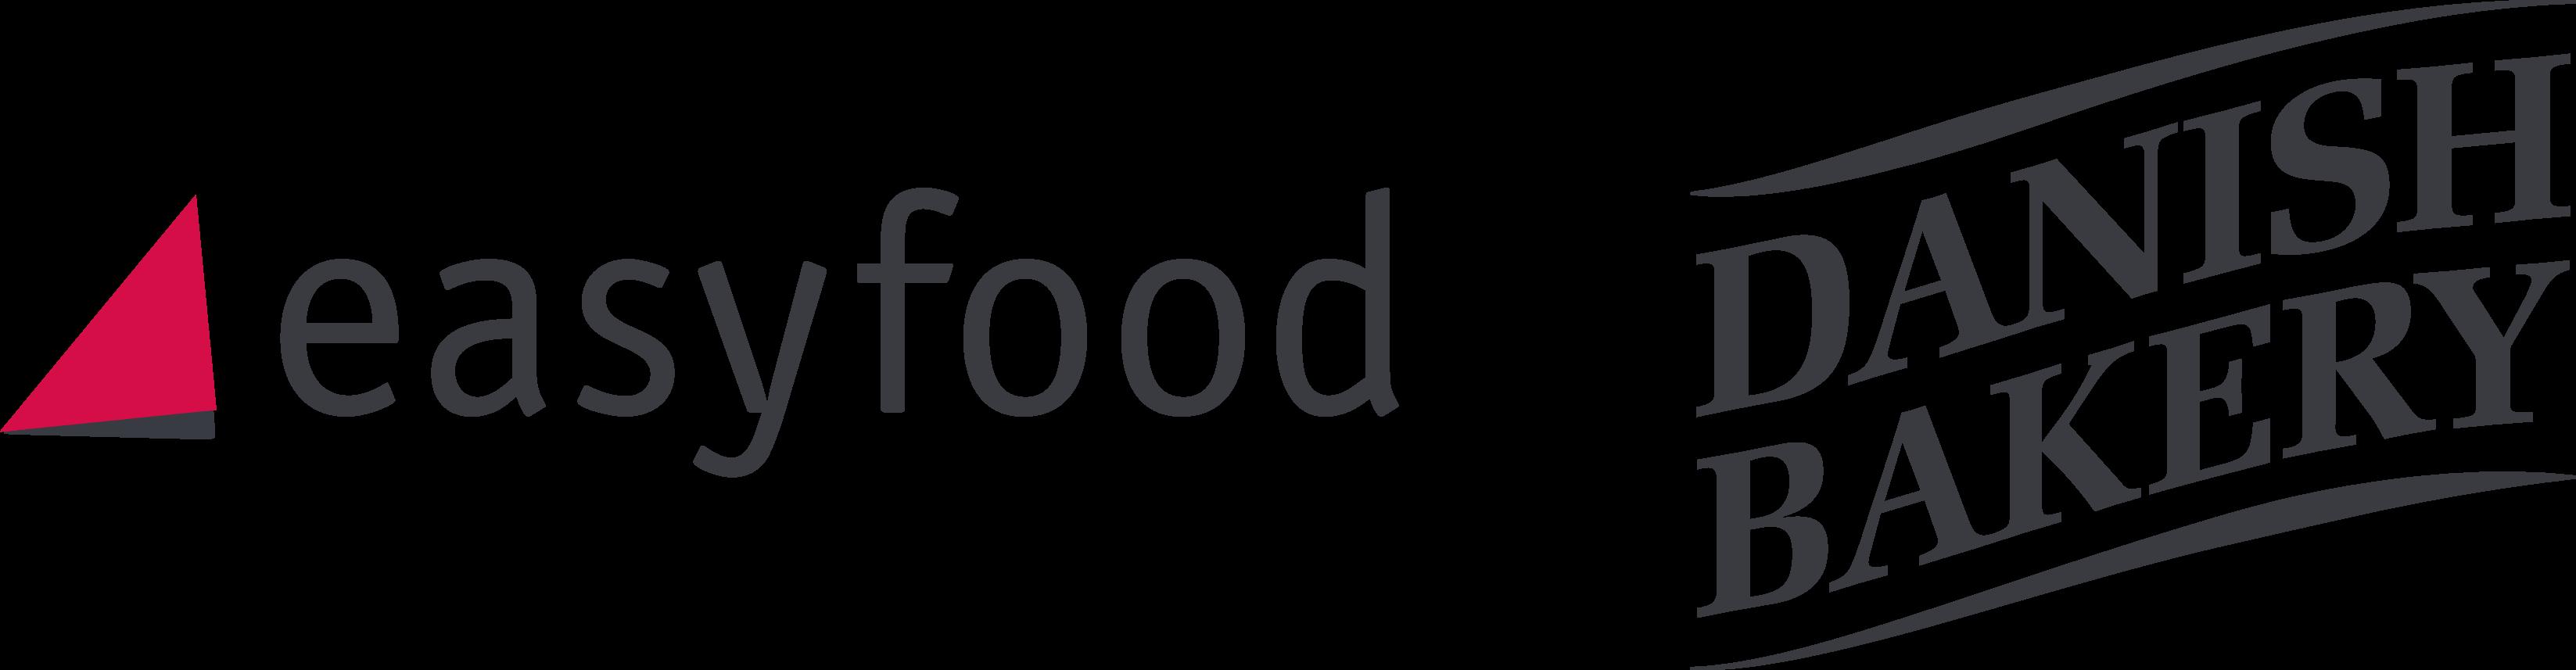 Easy Food job